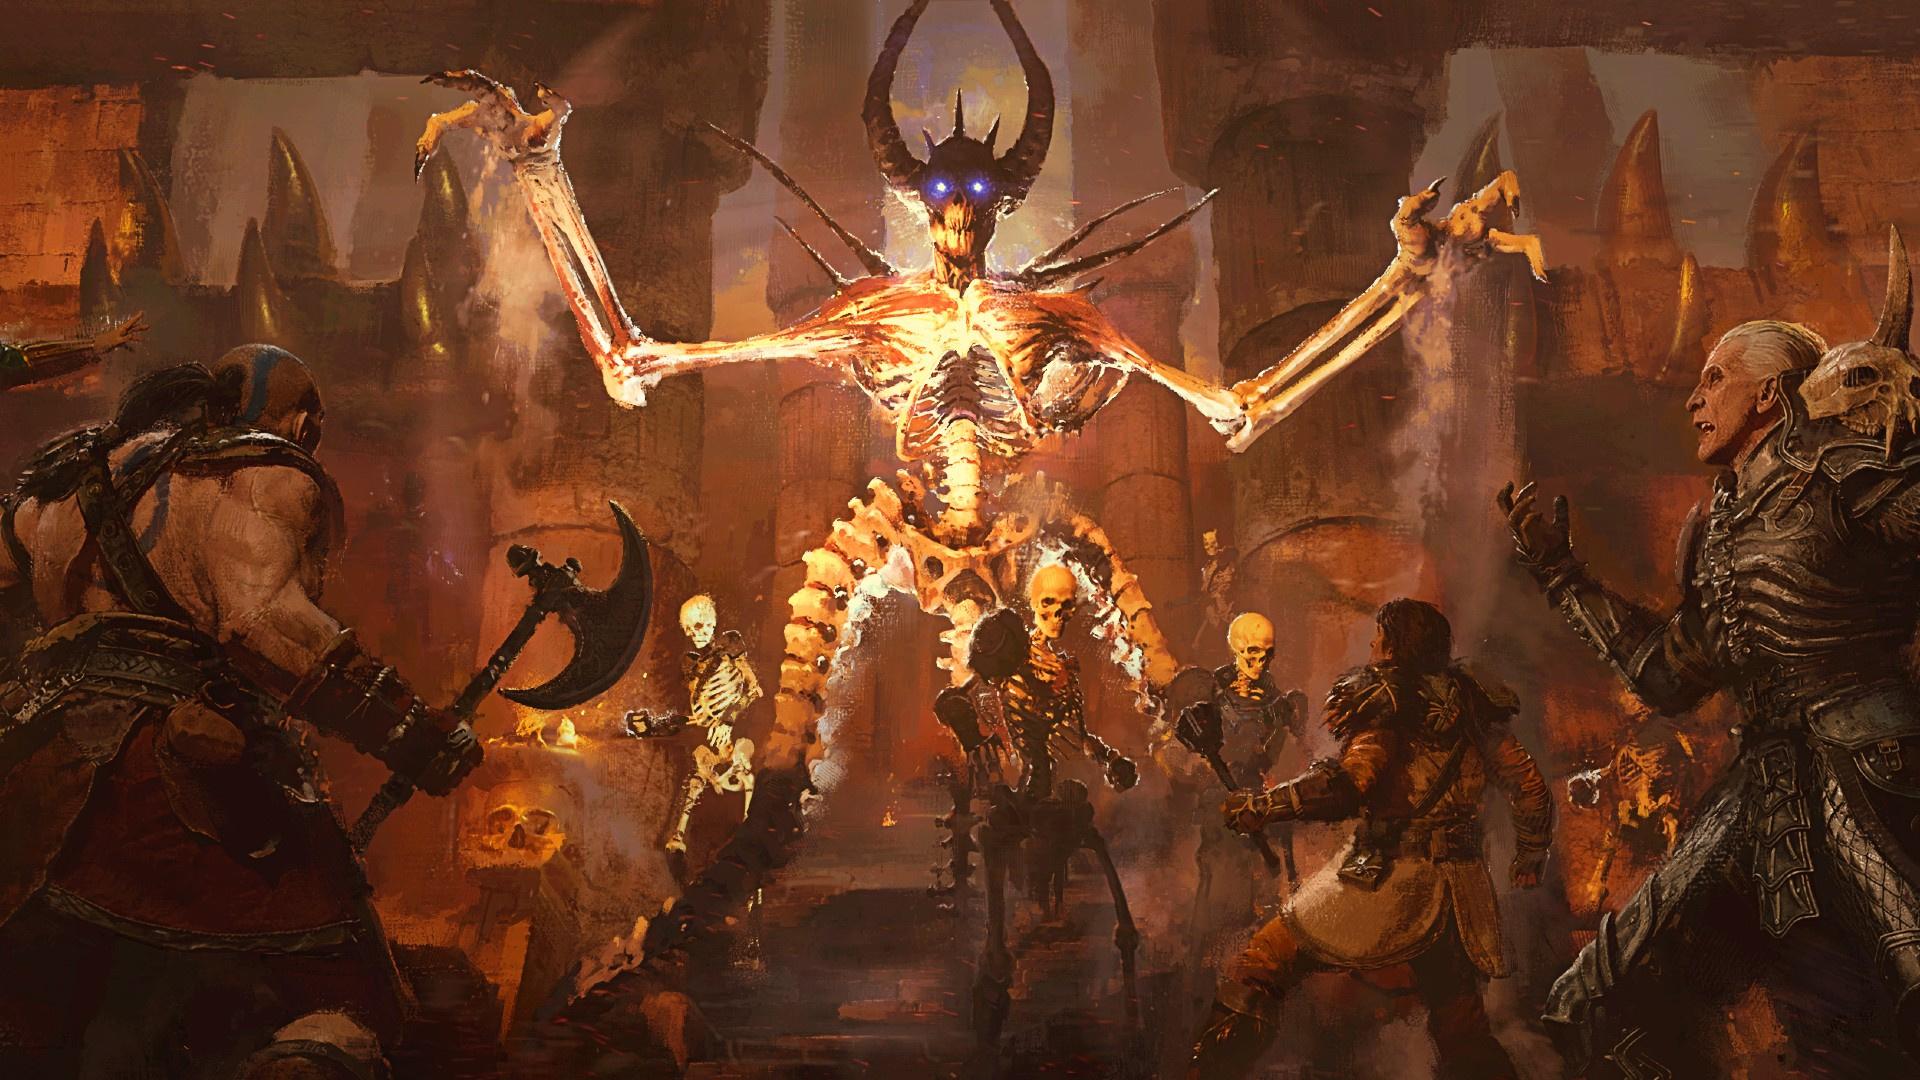 У Blizzard кончаются идеи для ремастеров, и ей придётся делать новые игры